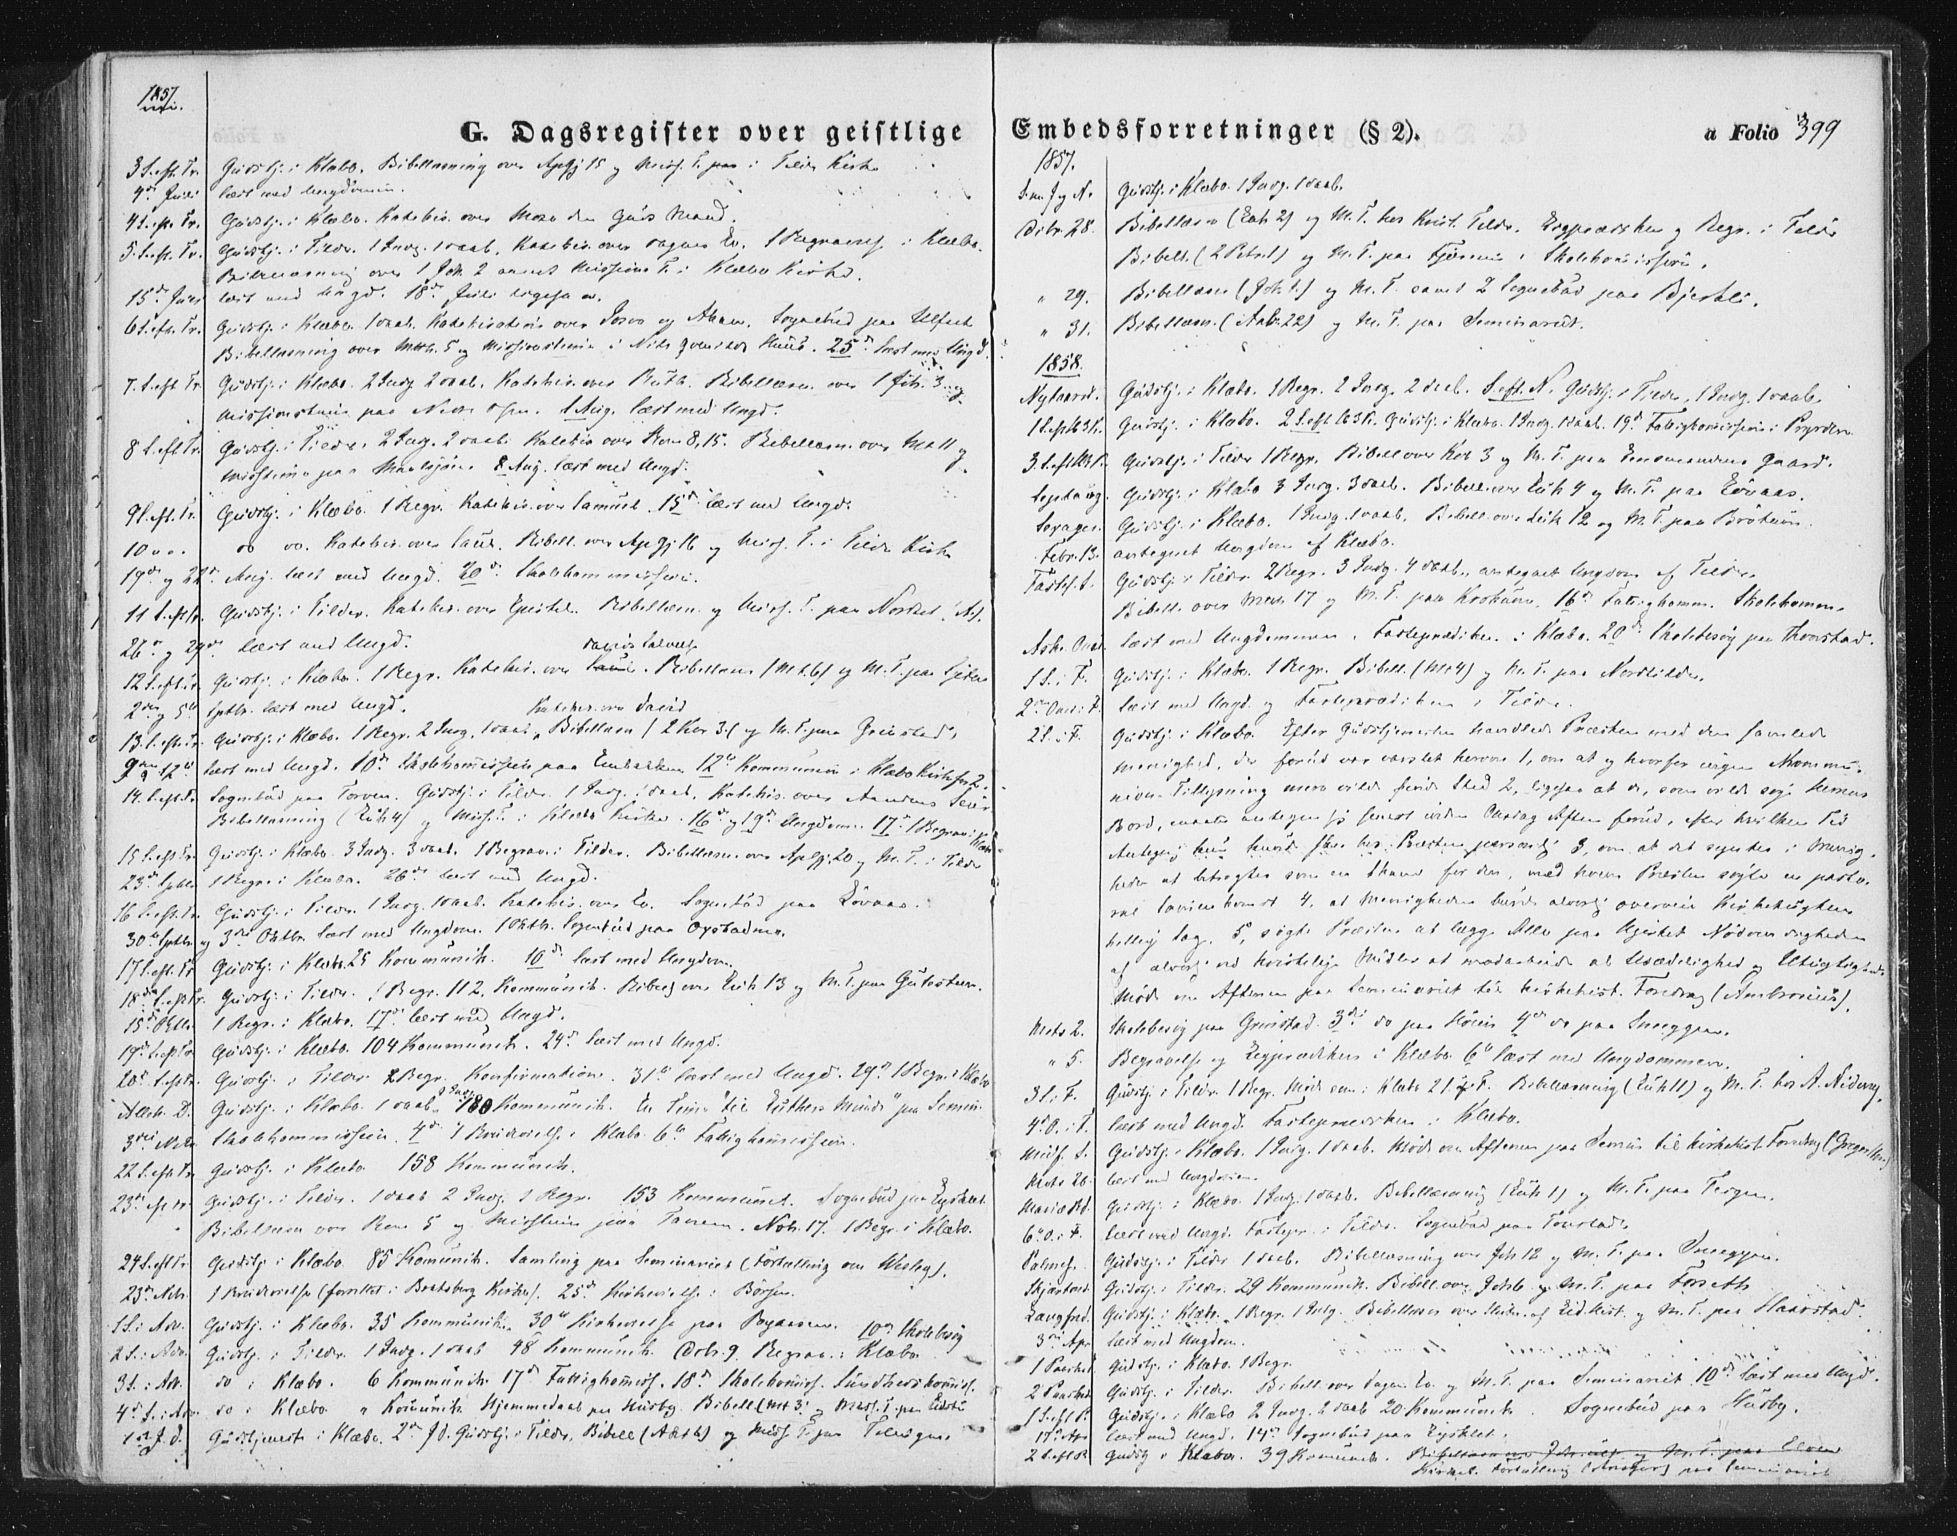 SAT, Ministerialprotokoller, klokkerbøker og fødselsregistre - Sør-Trøndelag, 618/L0441: Ministerialbok nr. 618A05, 1843-1862, s. 399